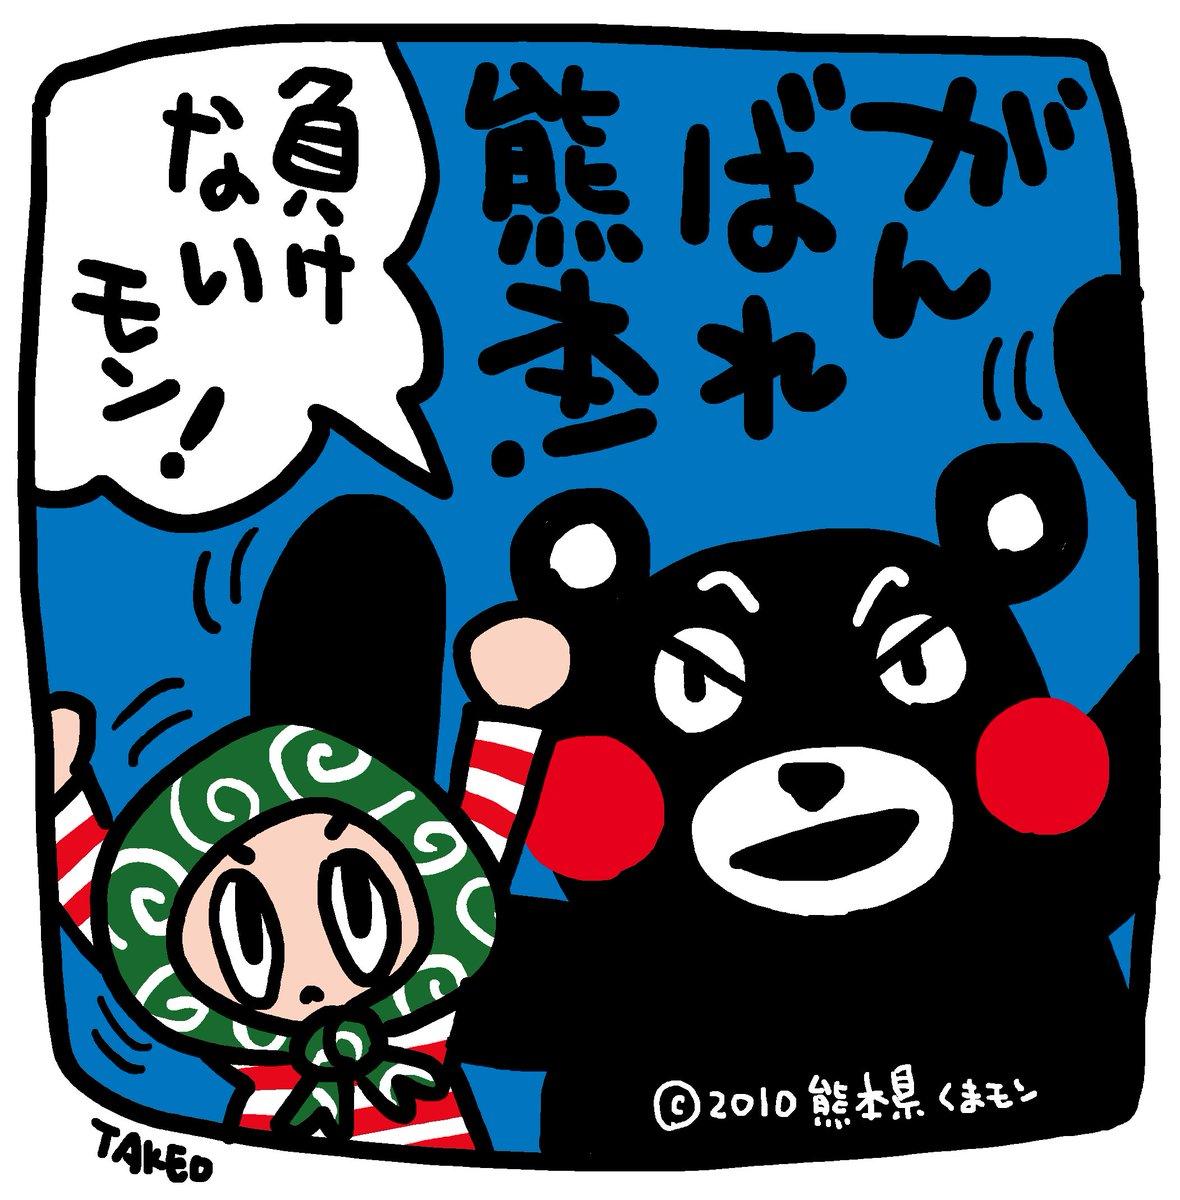 熊本のみなさん、頑張ってください!少しずつですがなにか役に立つことができればと思います。 #くまモン頑張れ絵 https://t.co/eJssOBCaP5